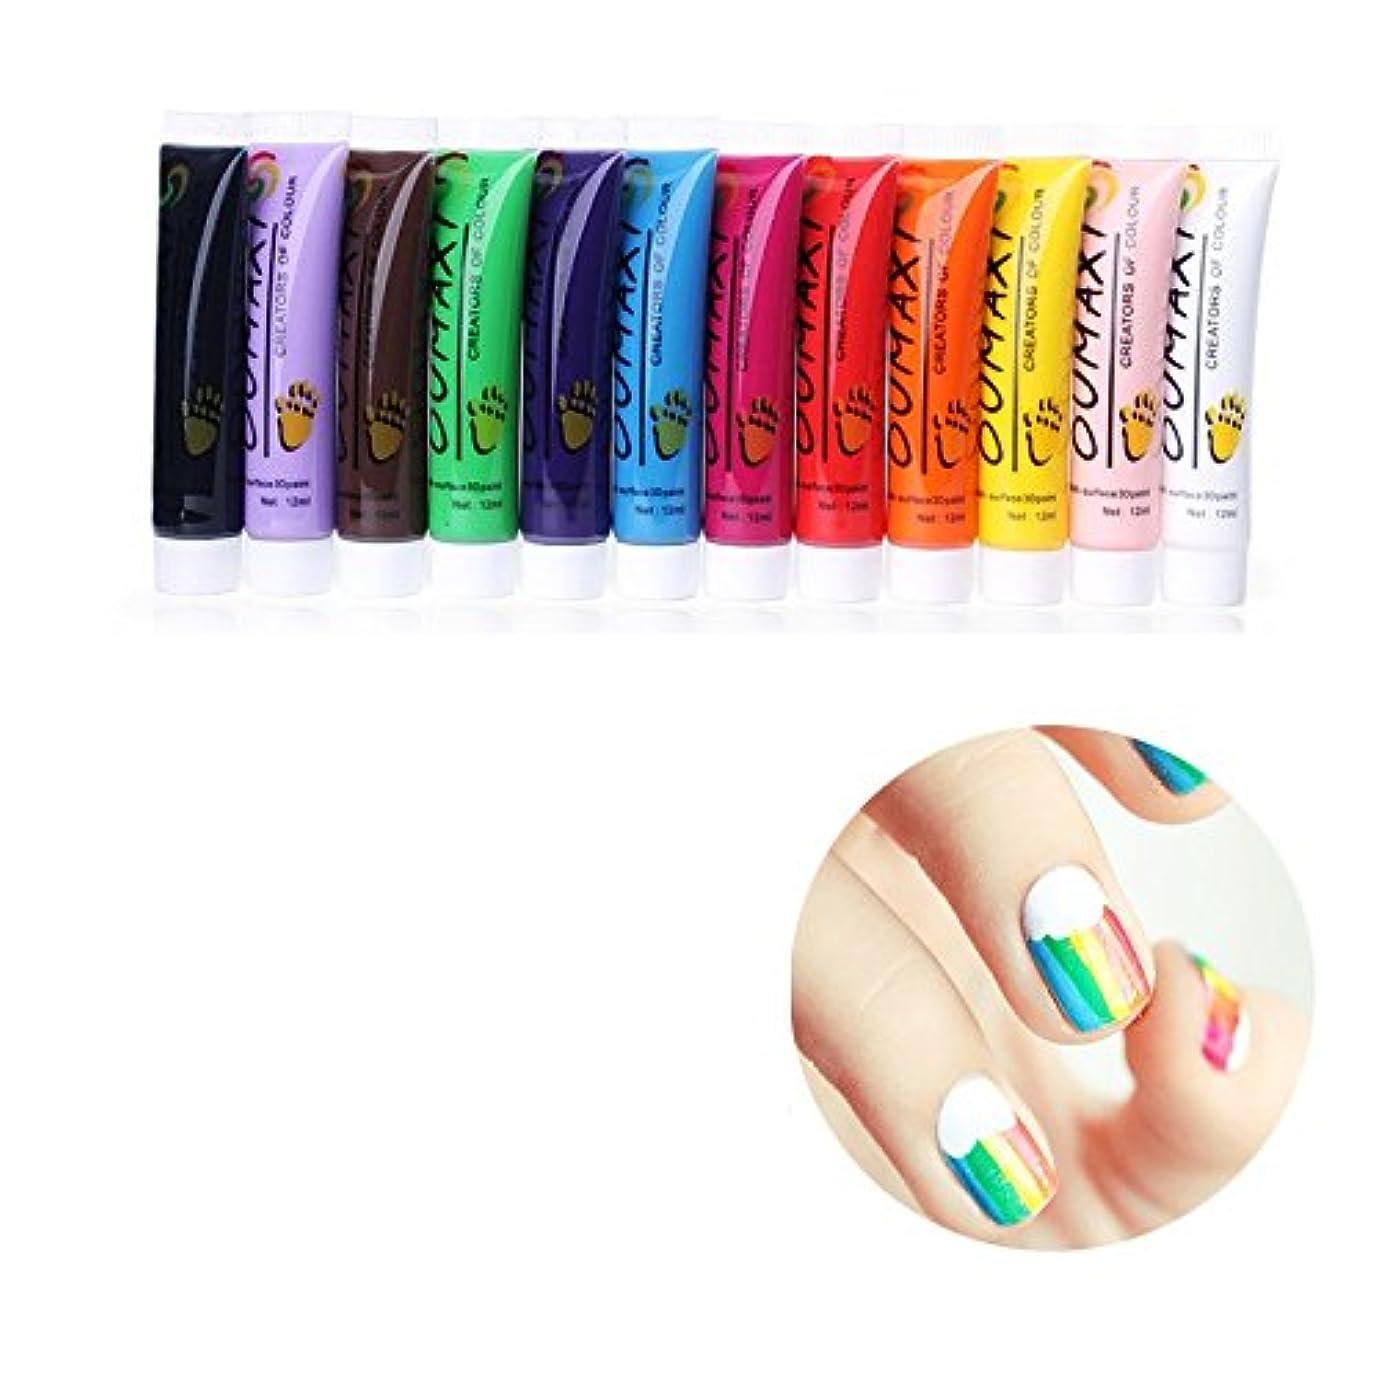 ジャンク削減退屈な12Pc Colors Nail Art Pen 3D Painting Draw Paint Tube Pigment Acrylic Kits Decorations UV Gel Draw Design DIY Pencil...